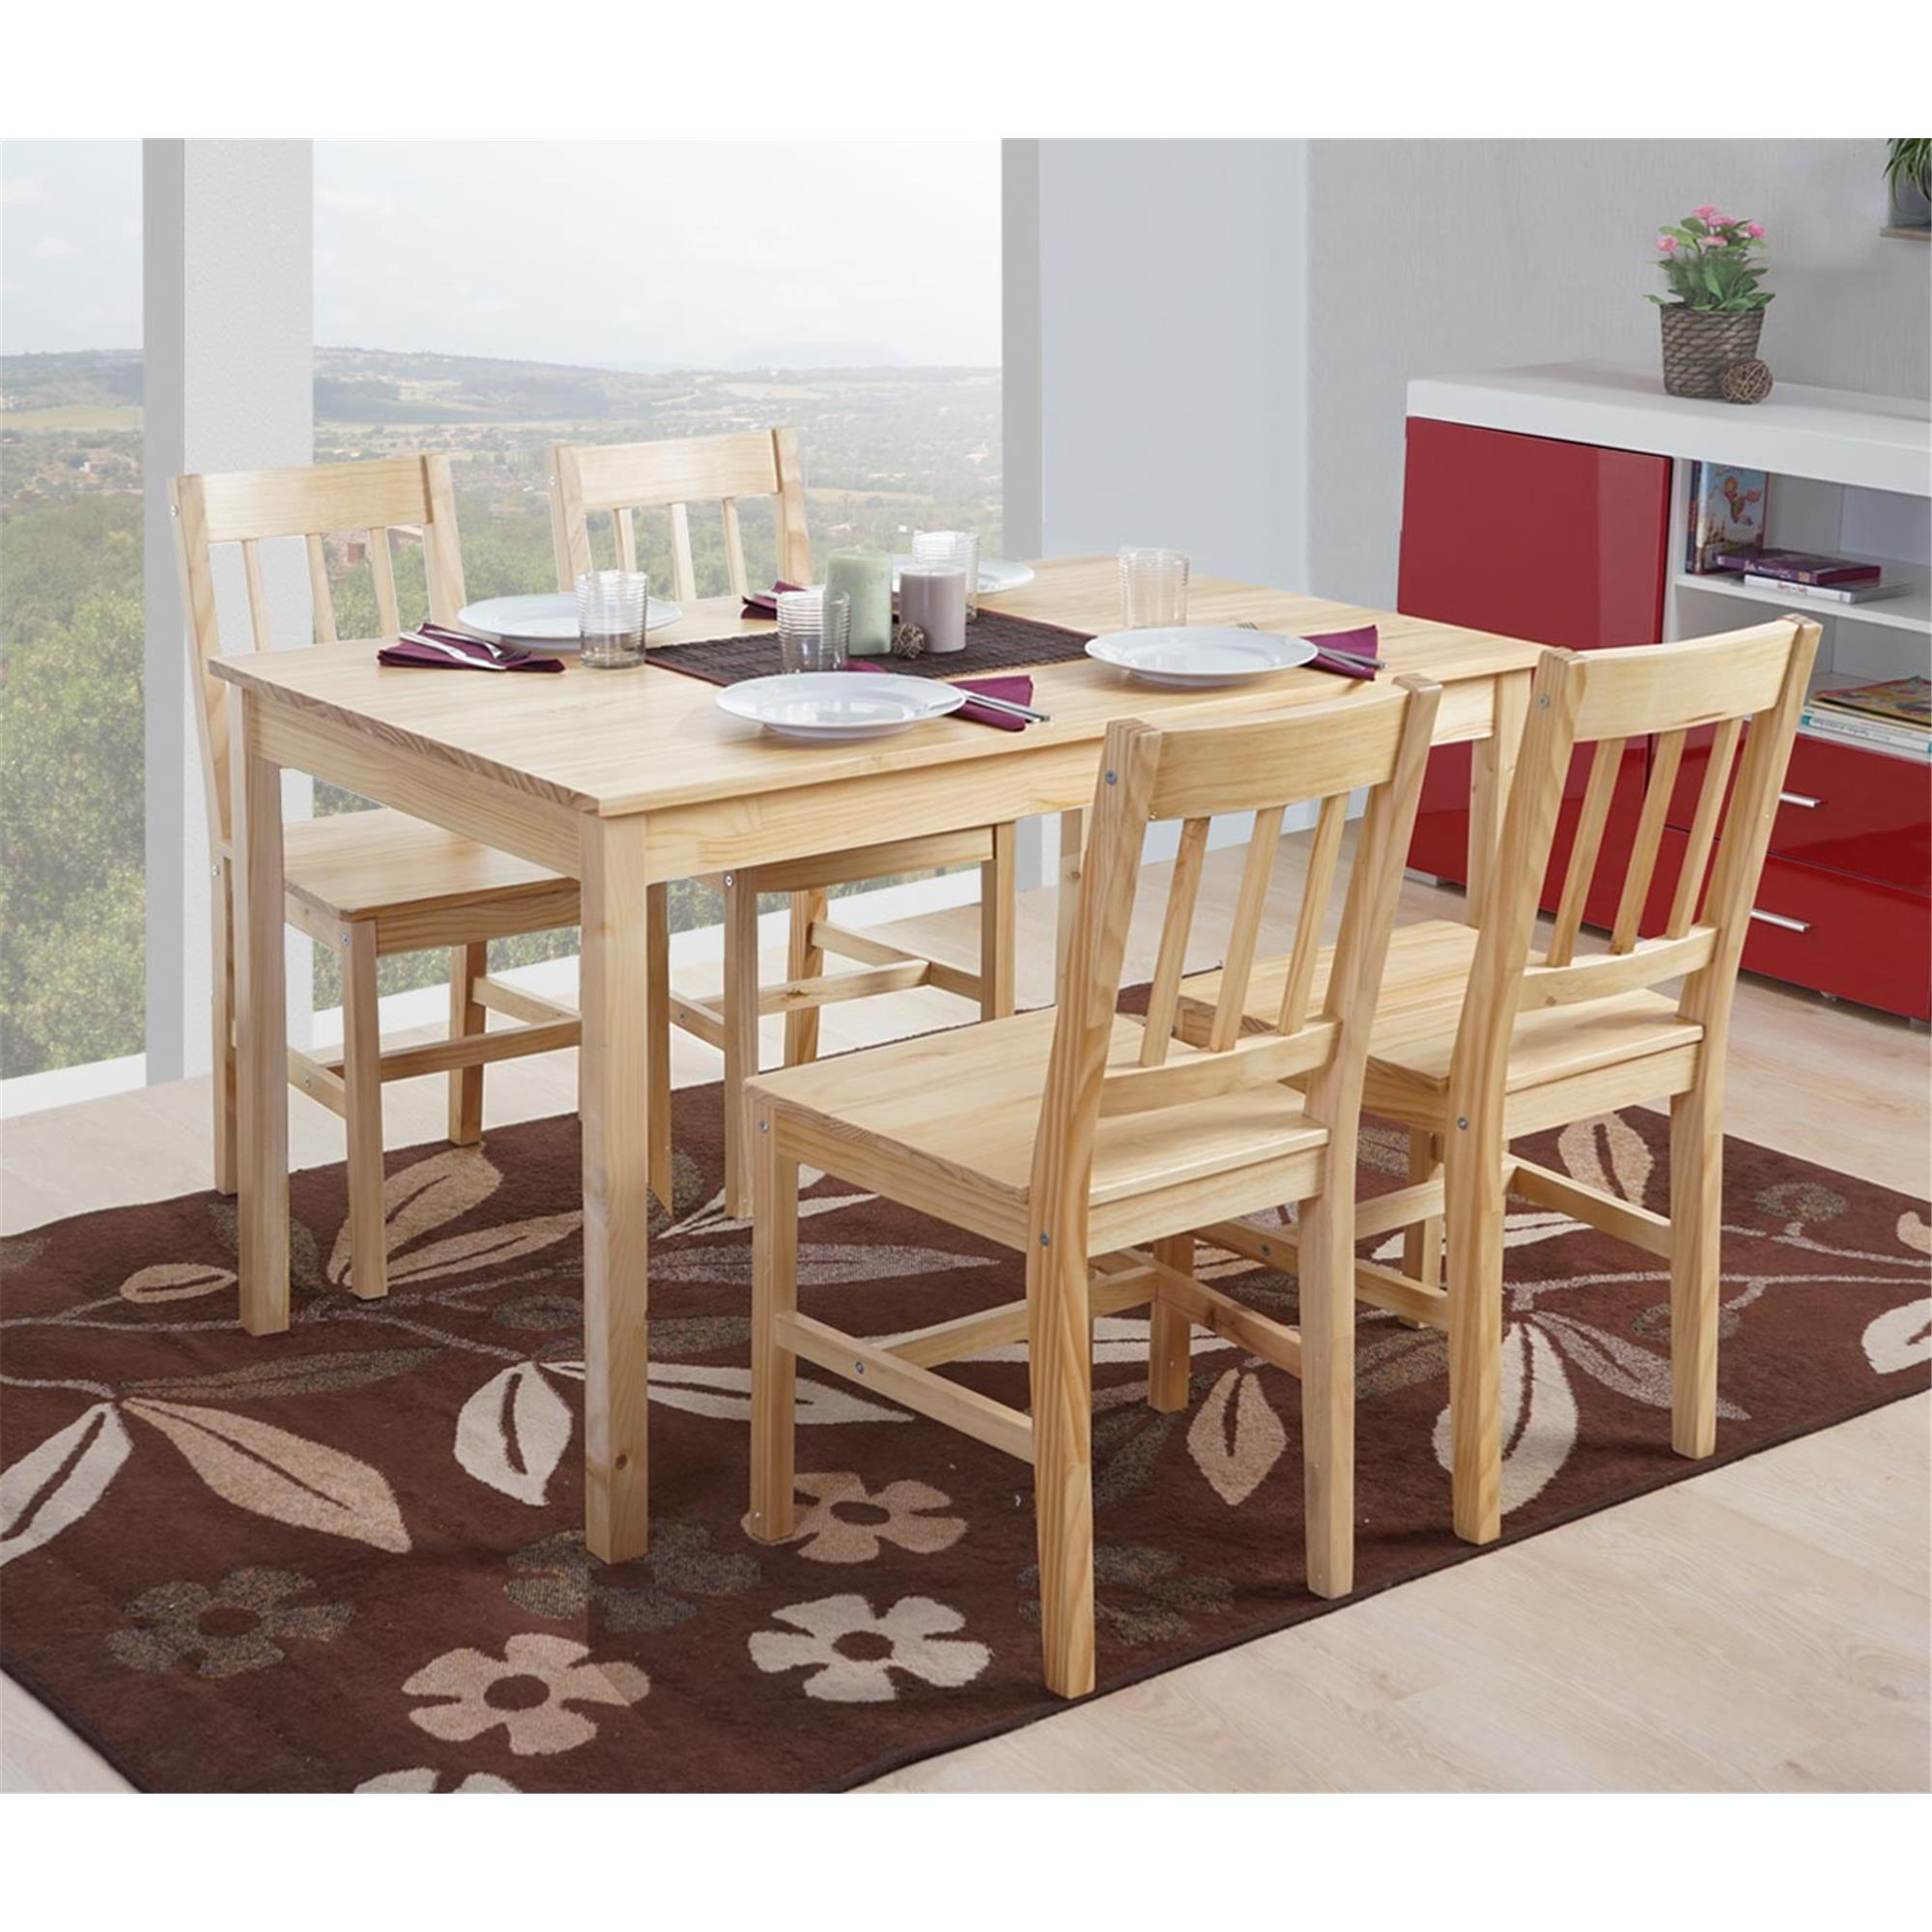 Lote 4 sillas de cocina o comedor nerja en marr n haya for Sillas cocina comedor